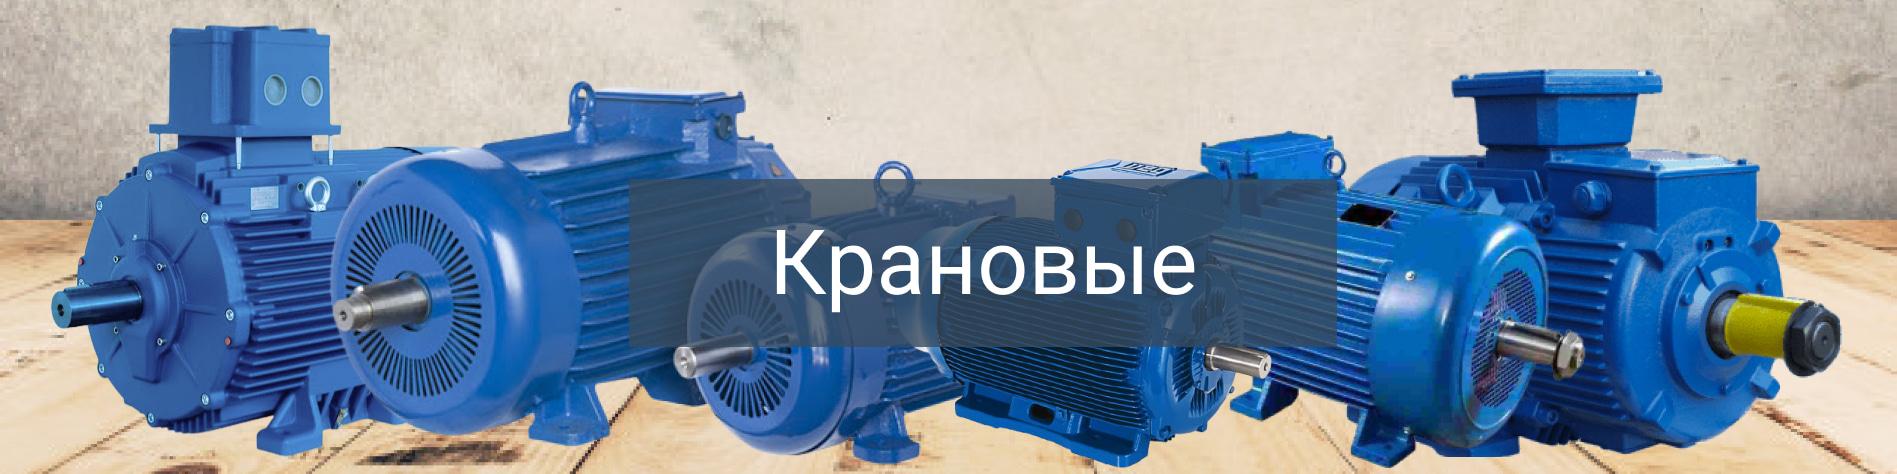 Крановые электродвигатели 15 кВт